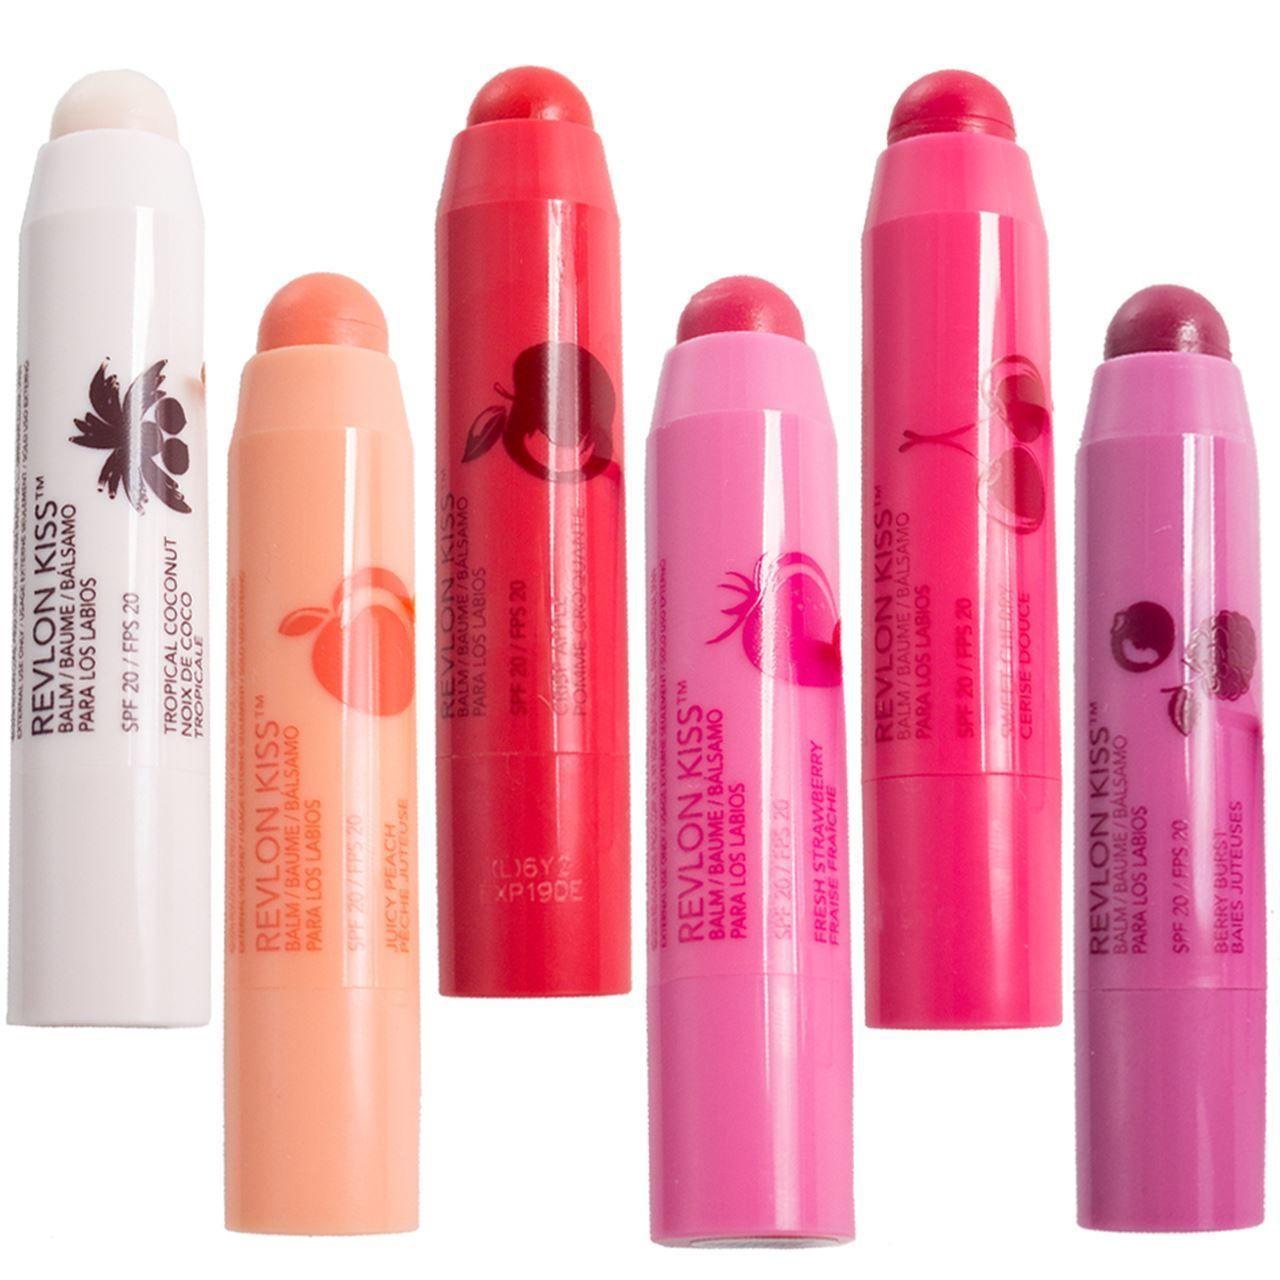 Kiss Lip Balm SPF 20